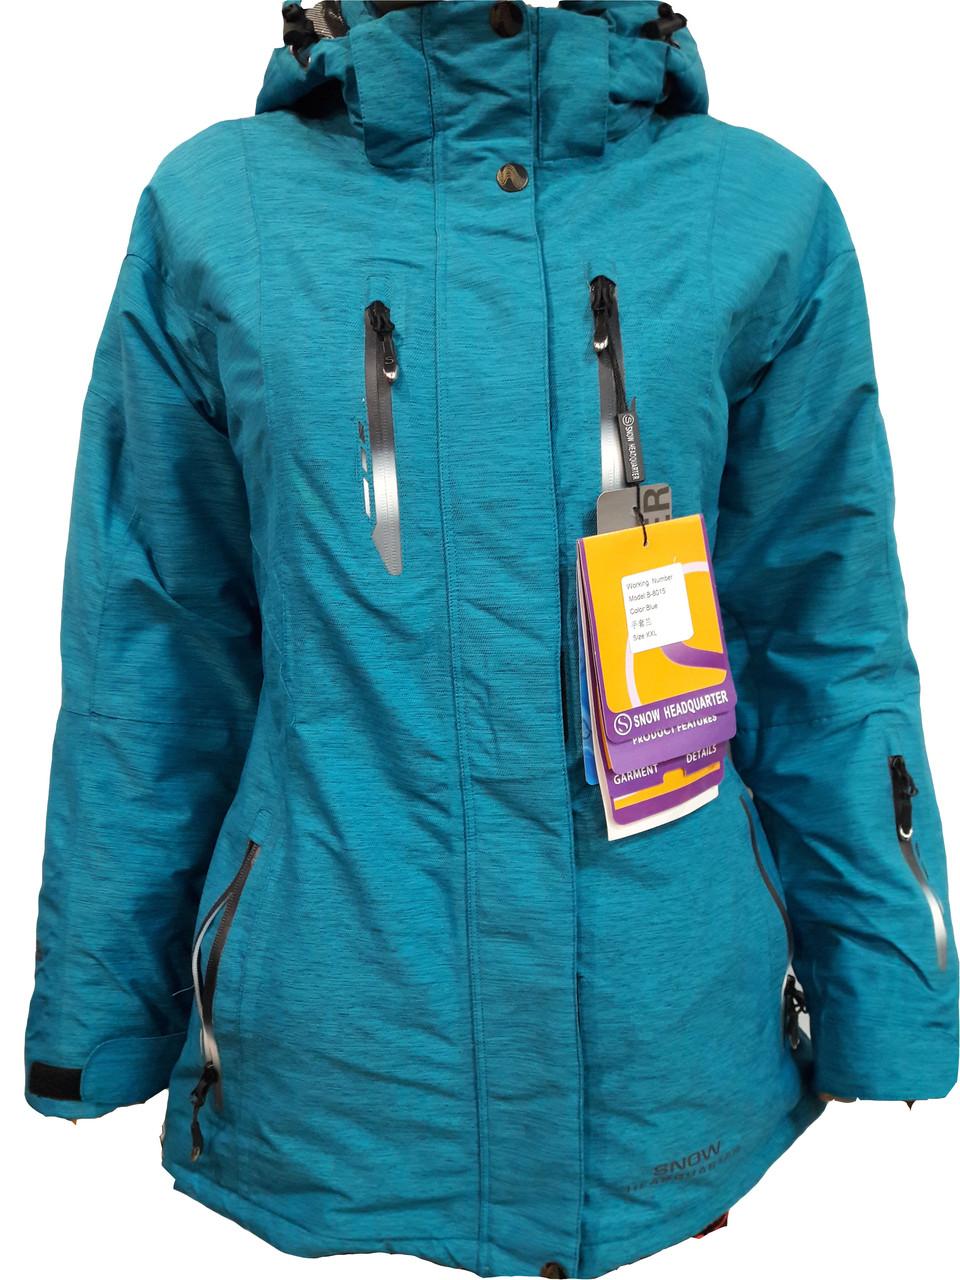 59ec805e7af Куртка горнолыжная женская Snow Headquarter Model  B-8015 Color  Blue -  Интернет-